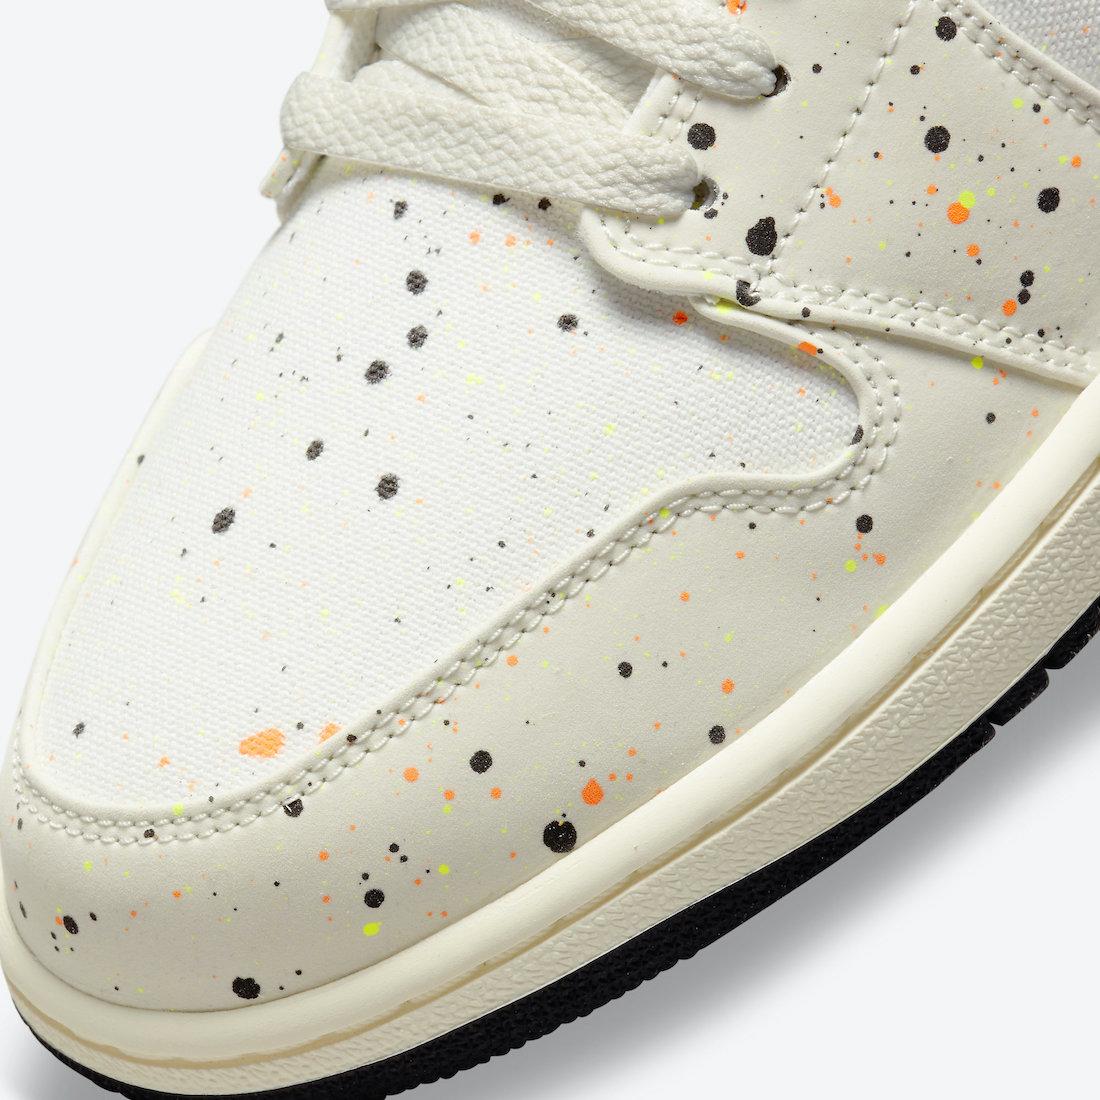 Air Jordan 1 Low Paint Splatter Brushstroke Swoosh DM3528-100 Release Date Info